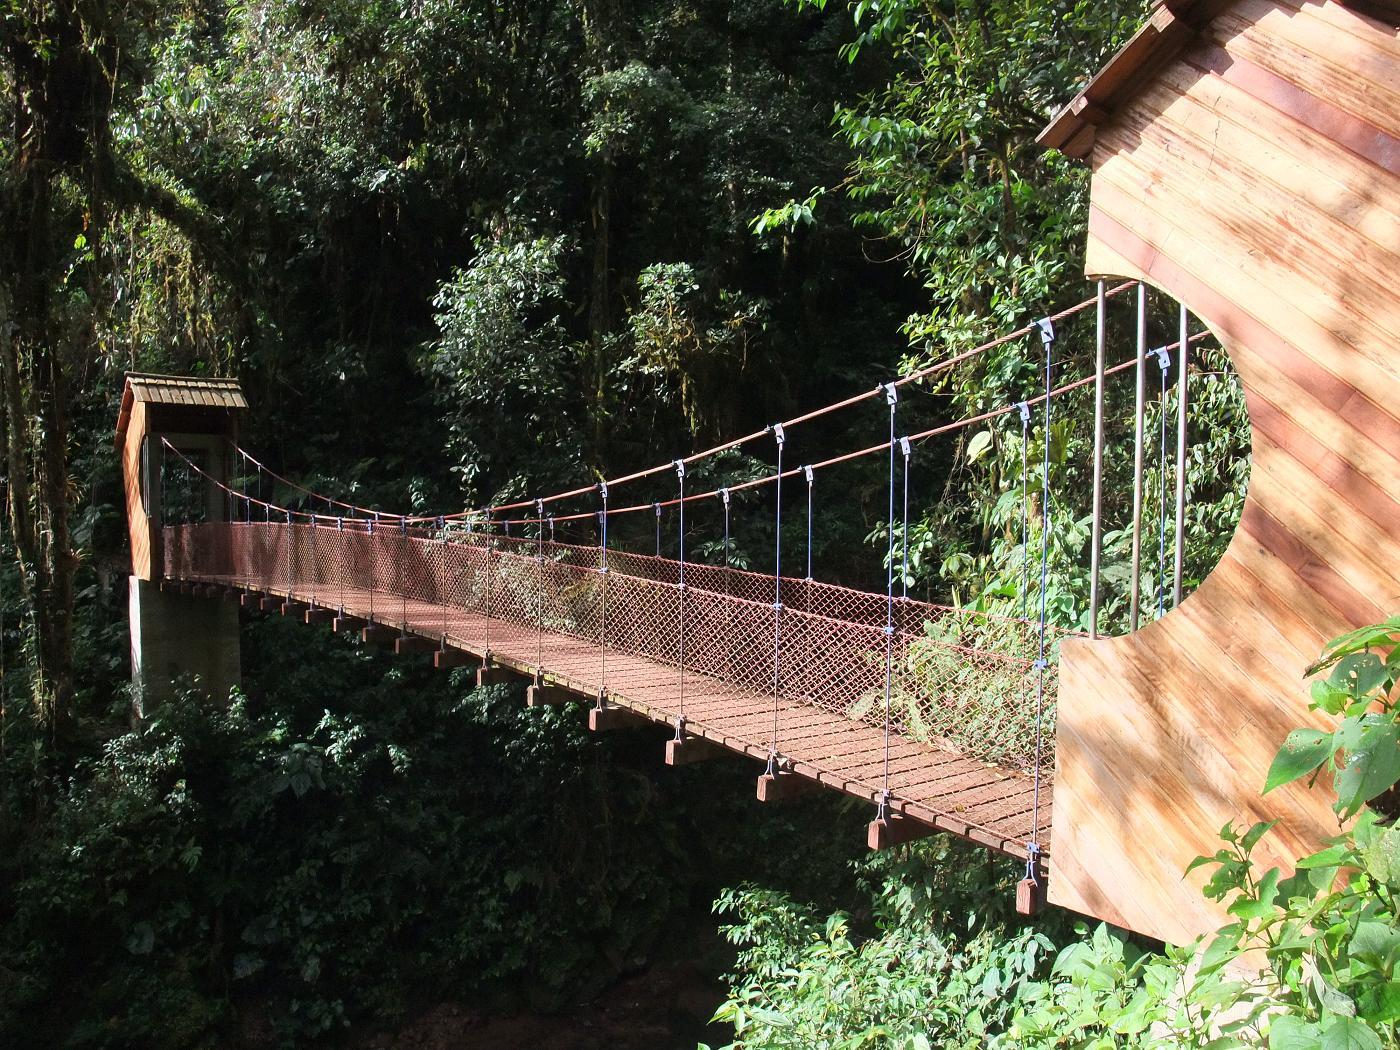 Puente colgante del Río Tigre Oxapampa Perú